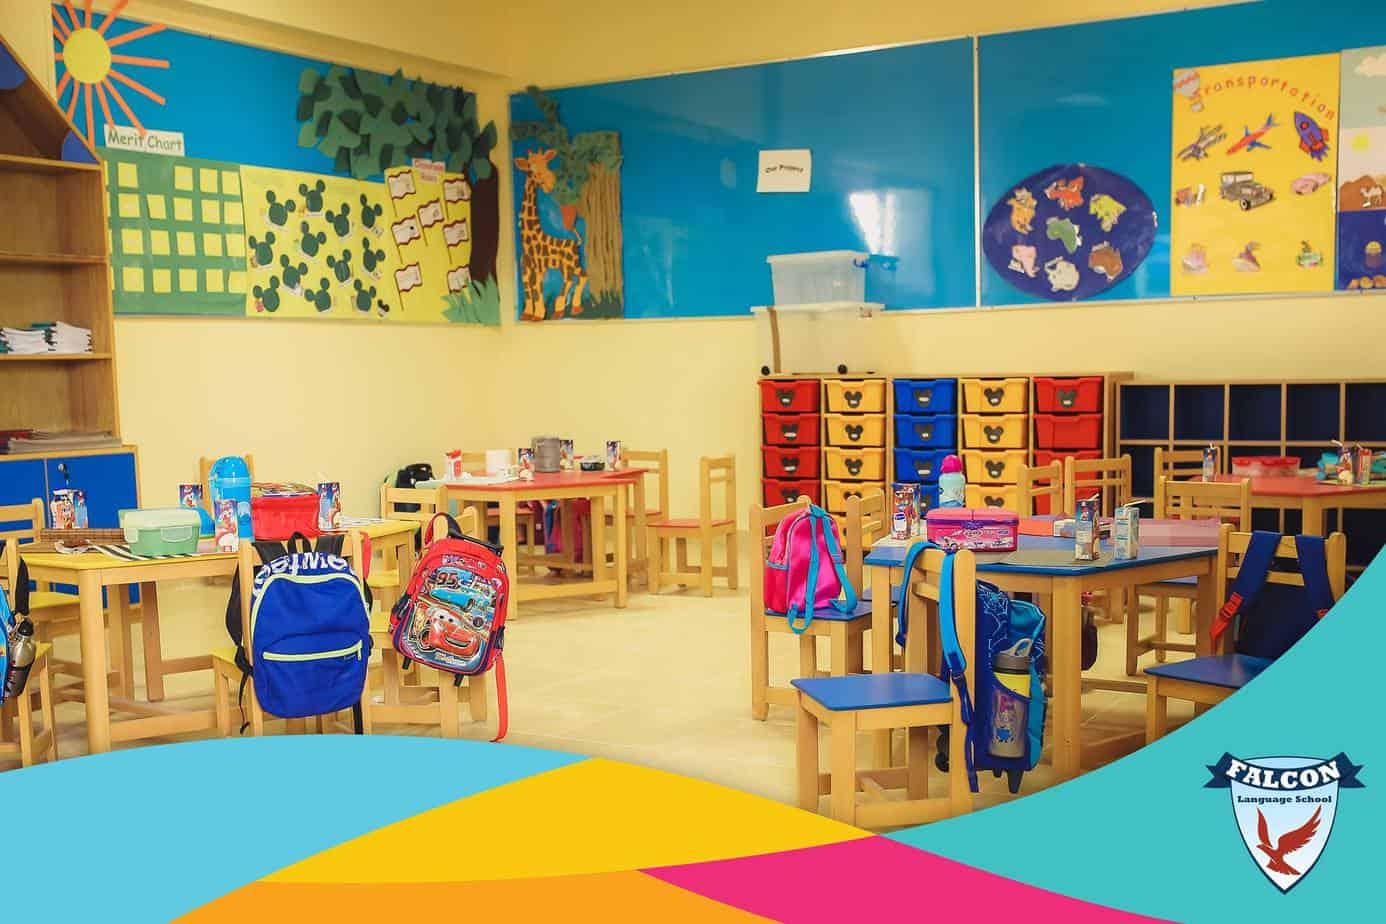 مدرسة نور الاسلام الأزهرية للغات - Nour ELIslam Azhar language school